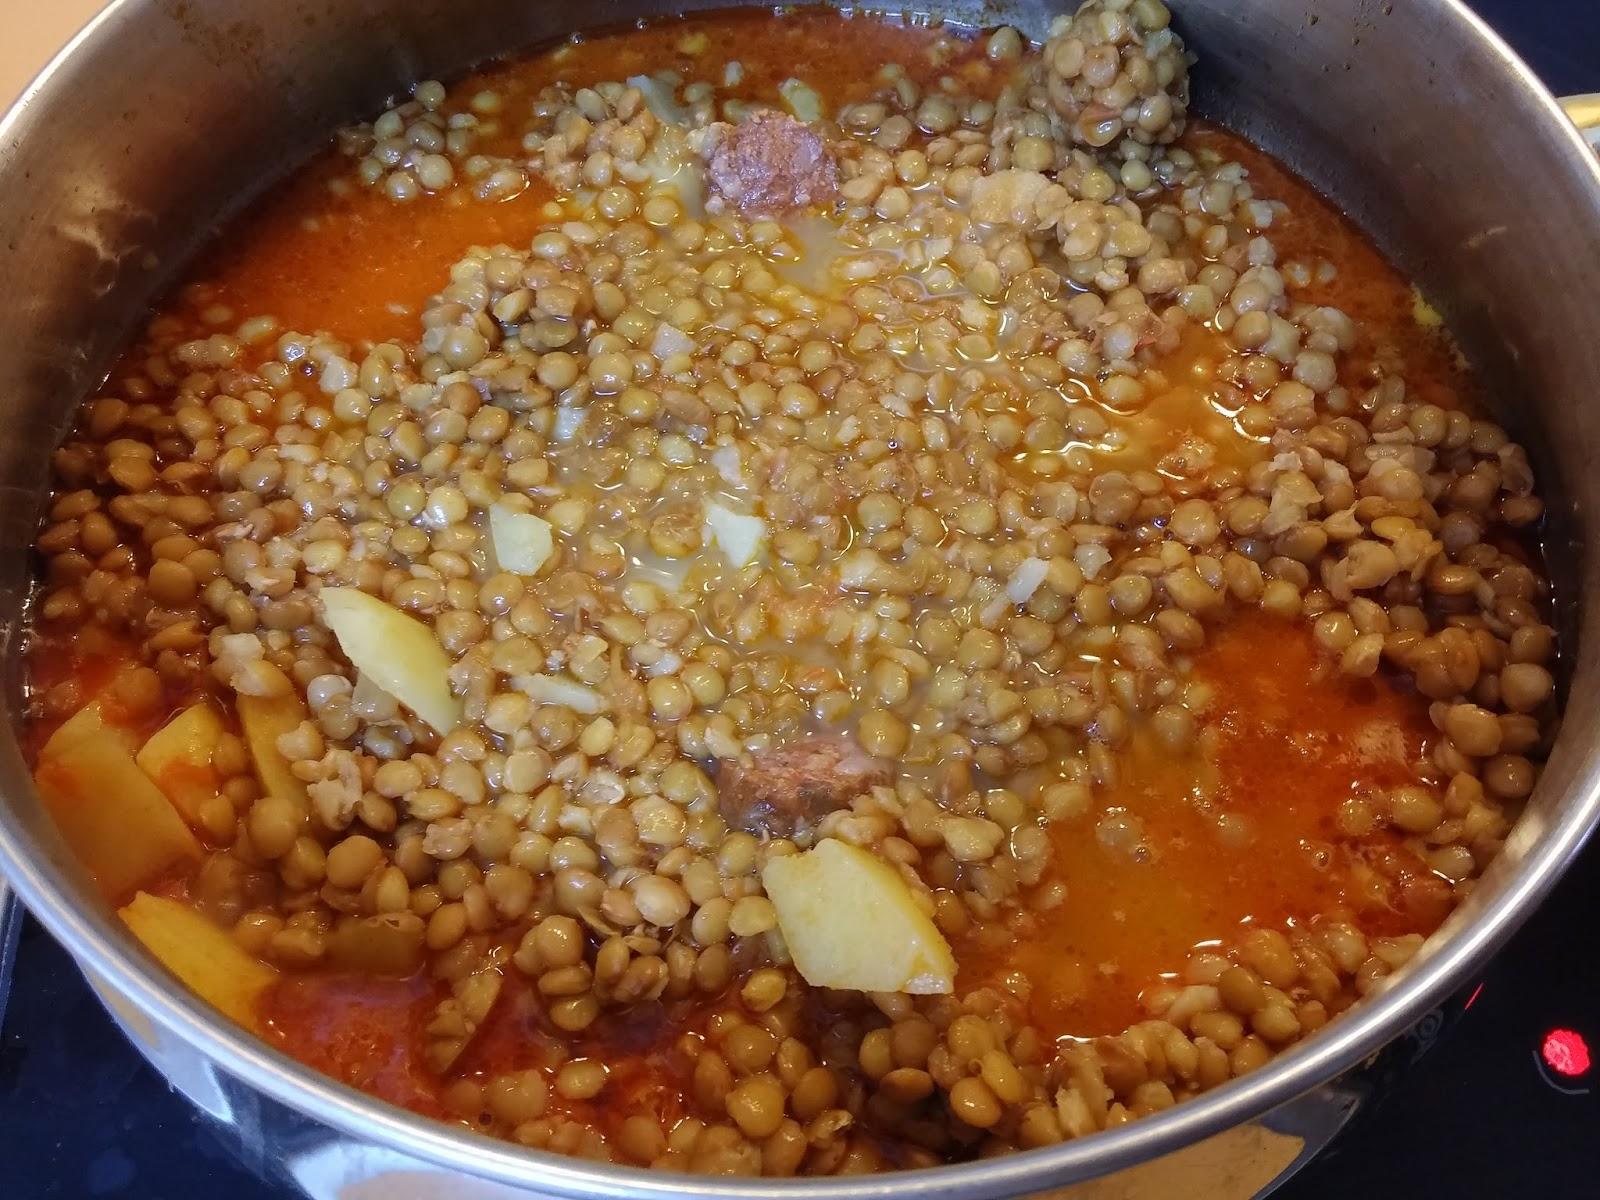 La cocina f cil de silvia guiso de lentejas f cil y r pido - Cocinar facil y rapido ...